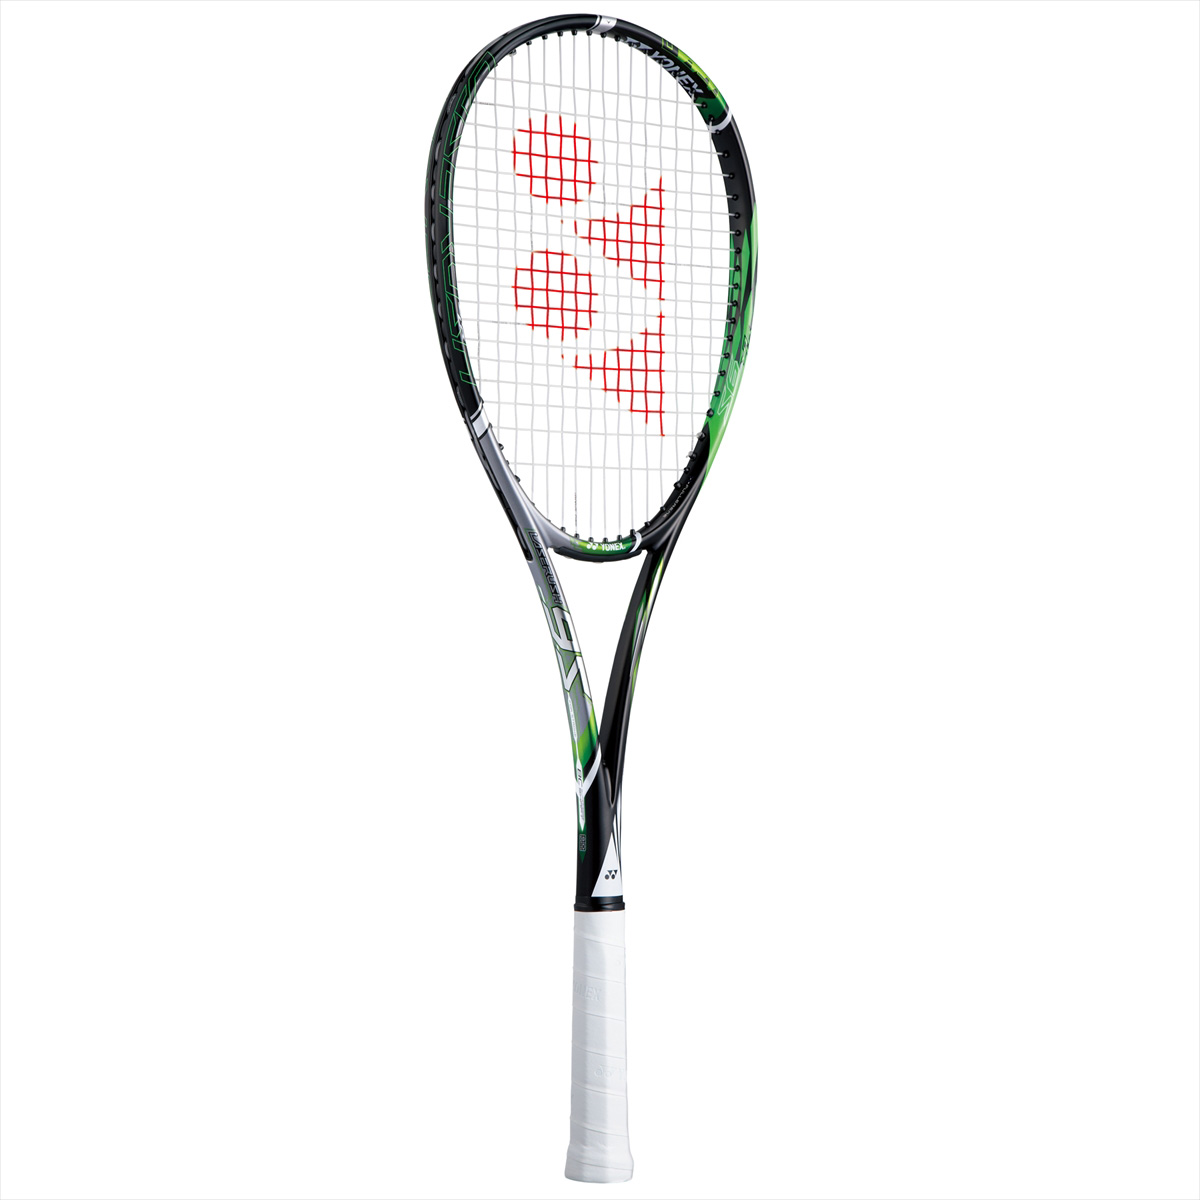 YONEX LR9S ソフトテニスラケット レーザーラッシュ9S ヨネックス【取り寄せ】